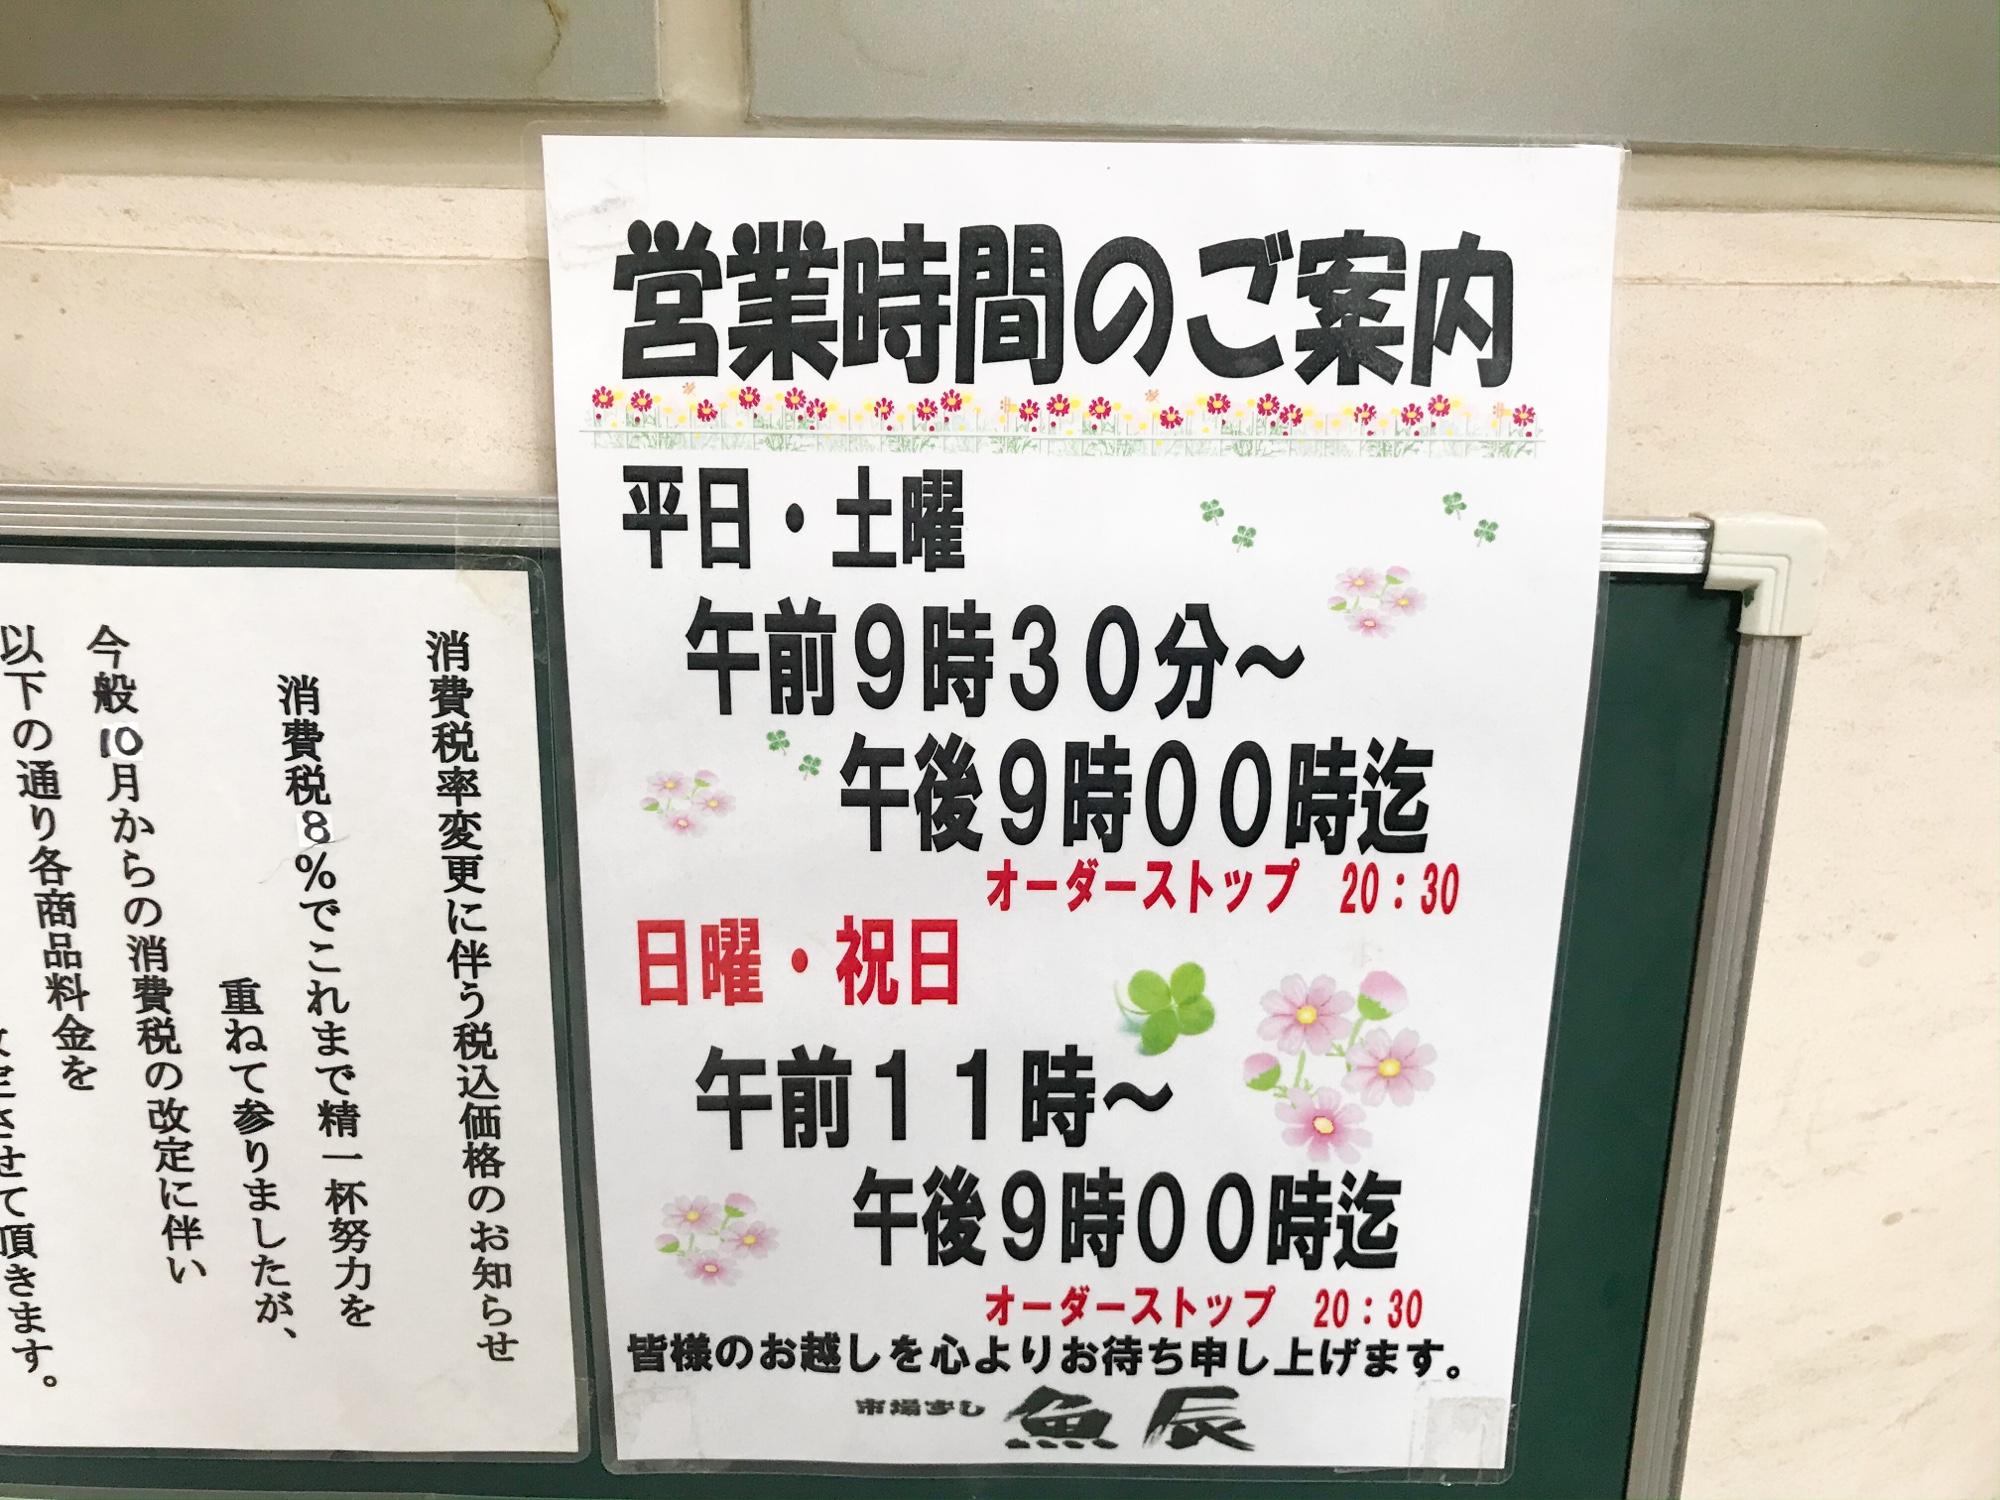 回転寿司 魚辰 営業時間・定休日